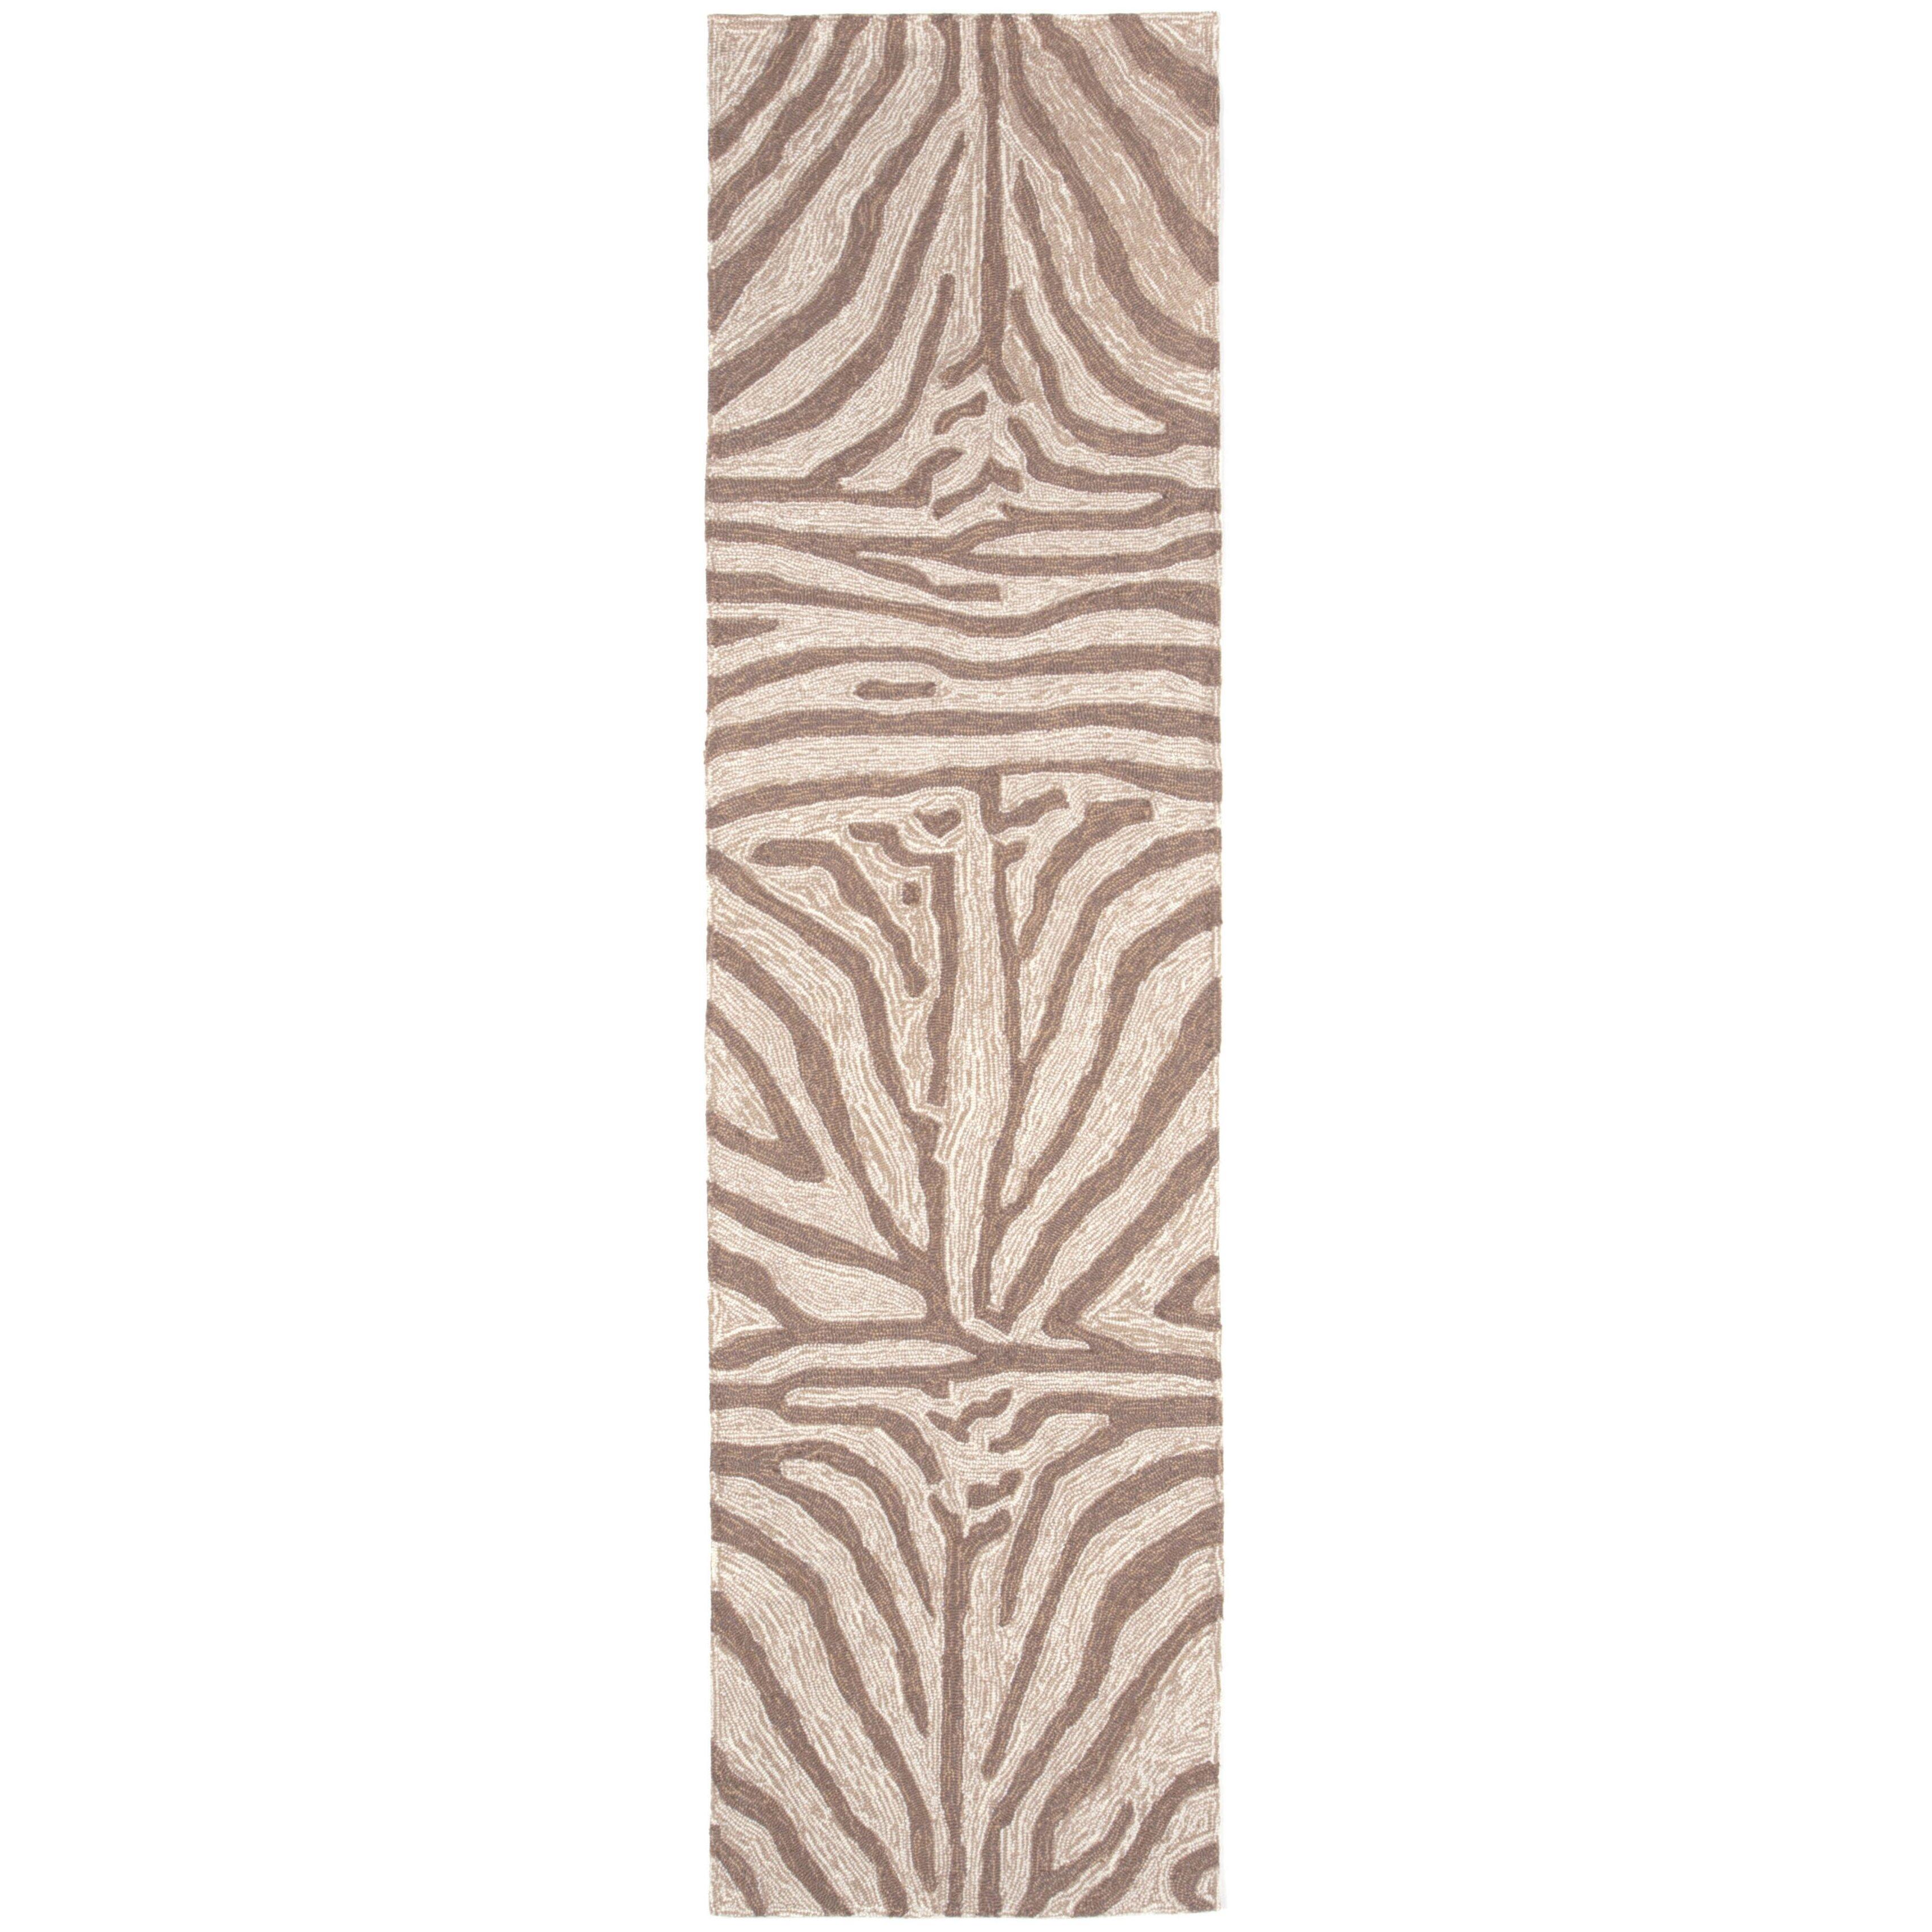 Liora Manne Ravella Brown Zebra Outdoor Rug & Reviews